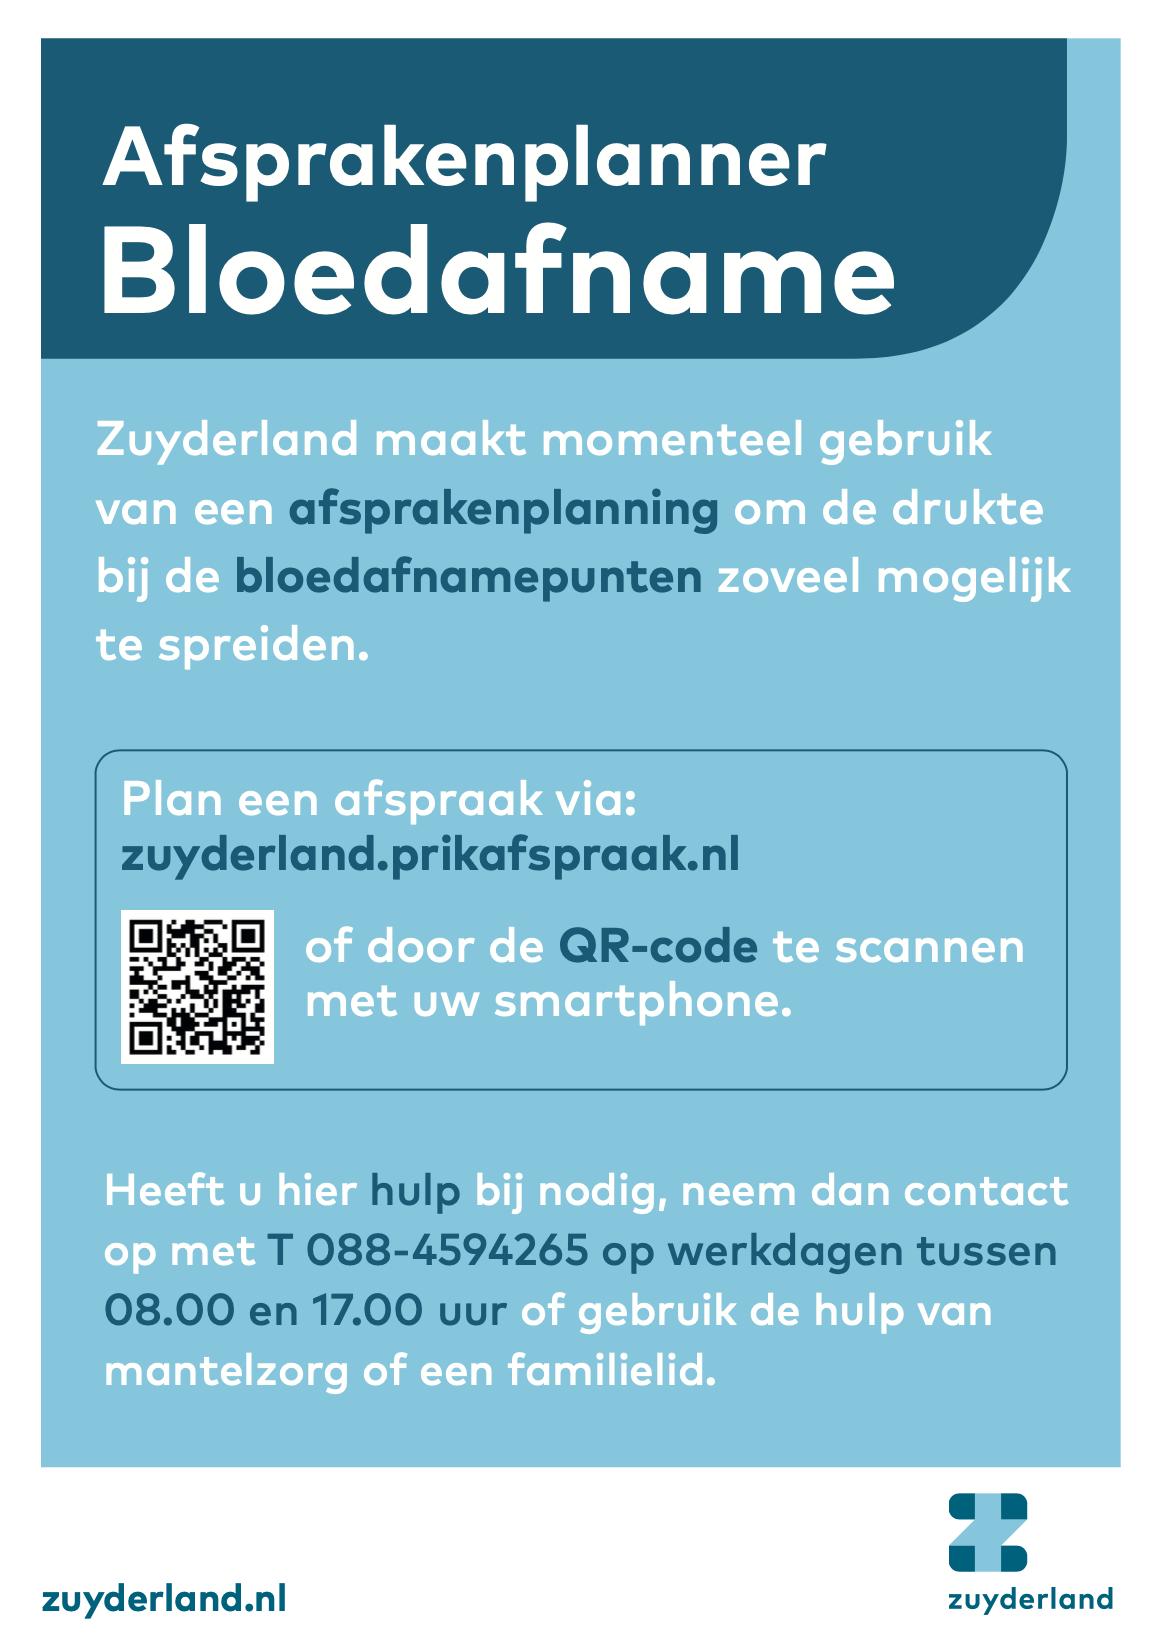 Zuiderland afsprakenplanner bloedafname